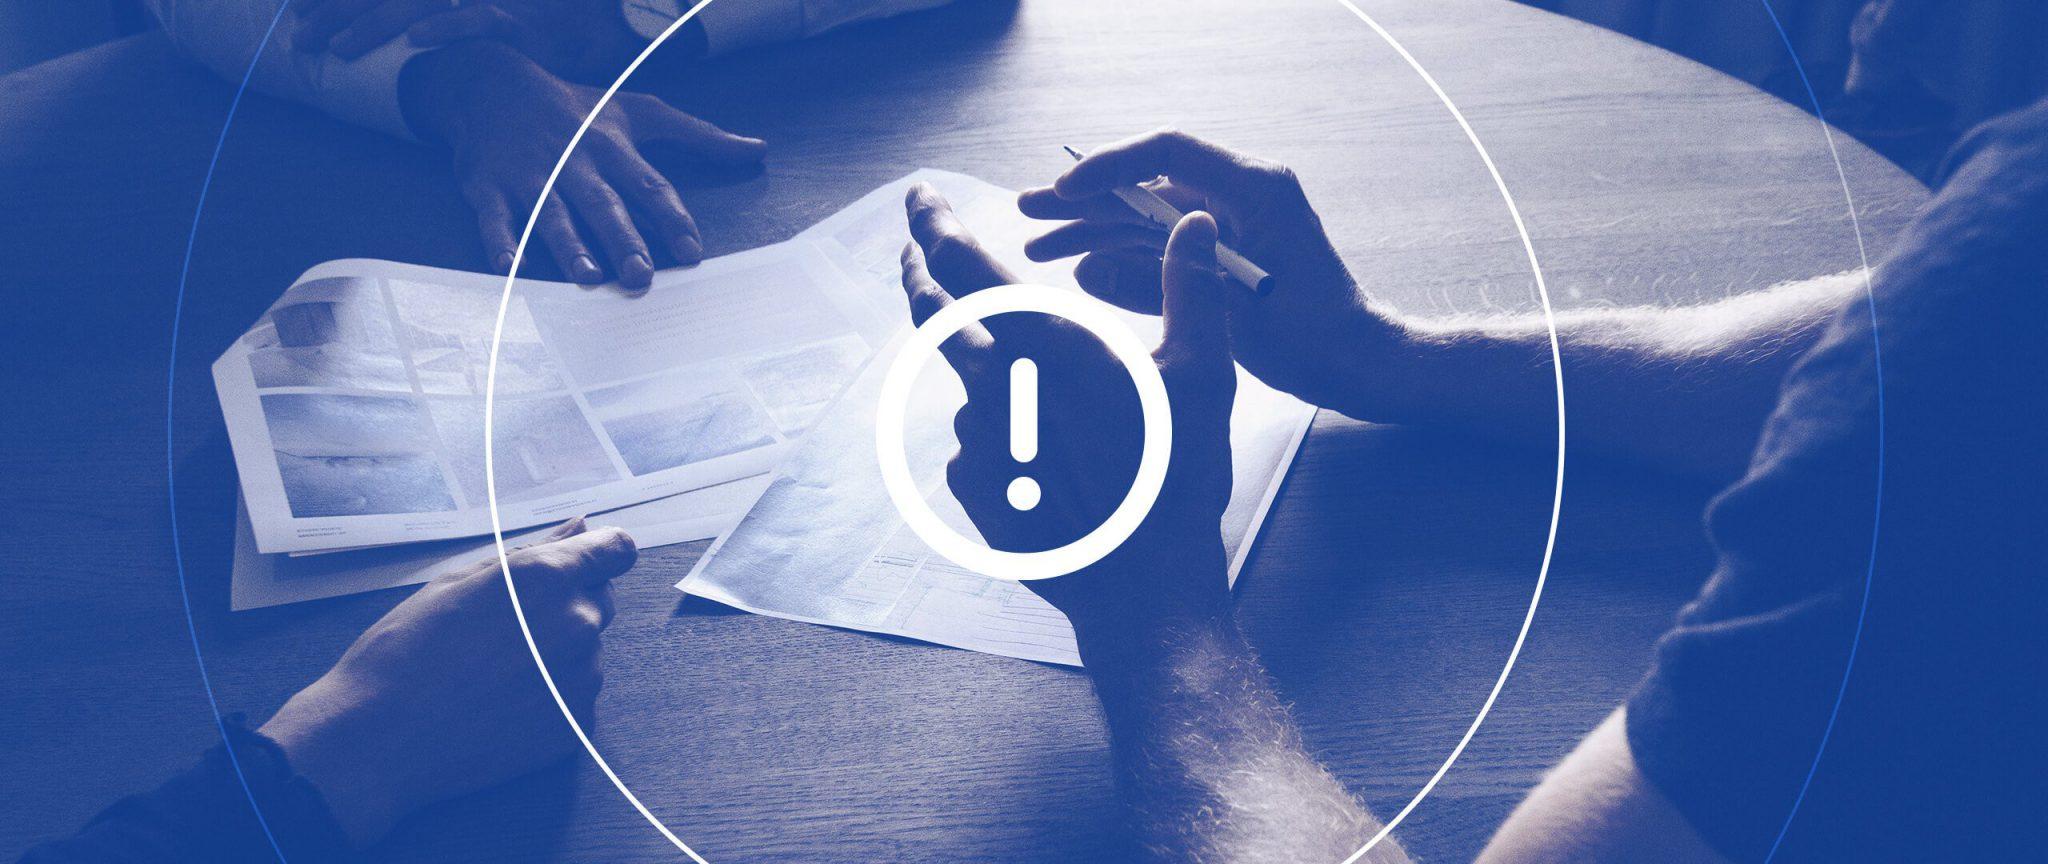 5 tipos de falha na prestação de serviço